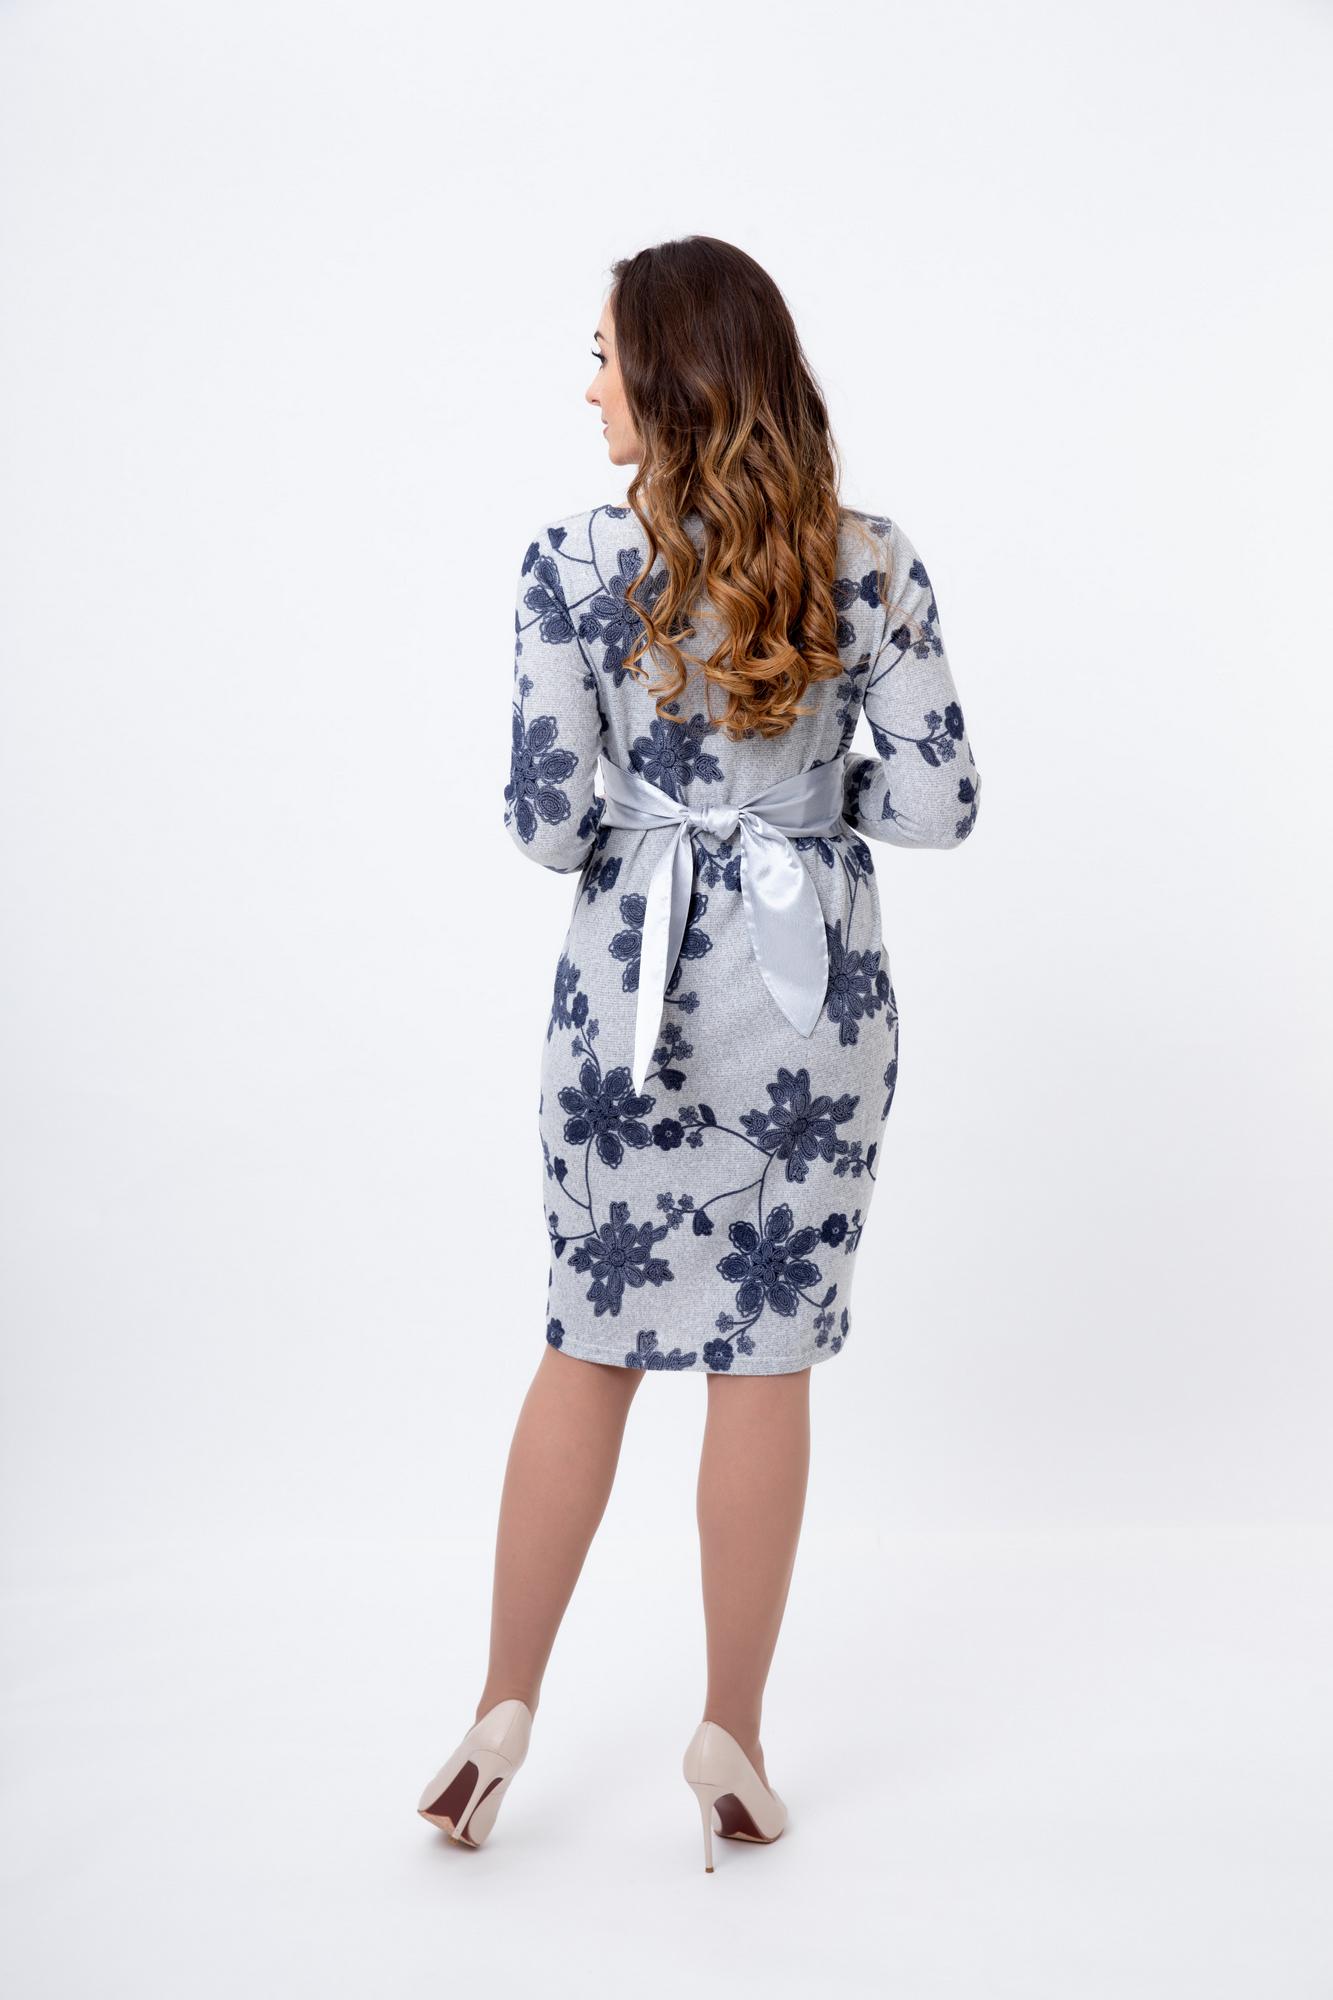 Фото платье для беременных Magica bellezza от магазина СкороМама, серый, узорный, размеры.